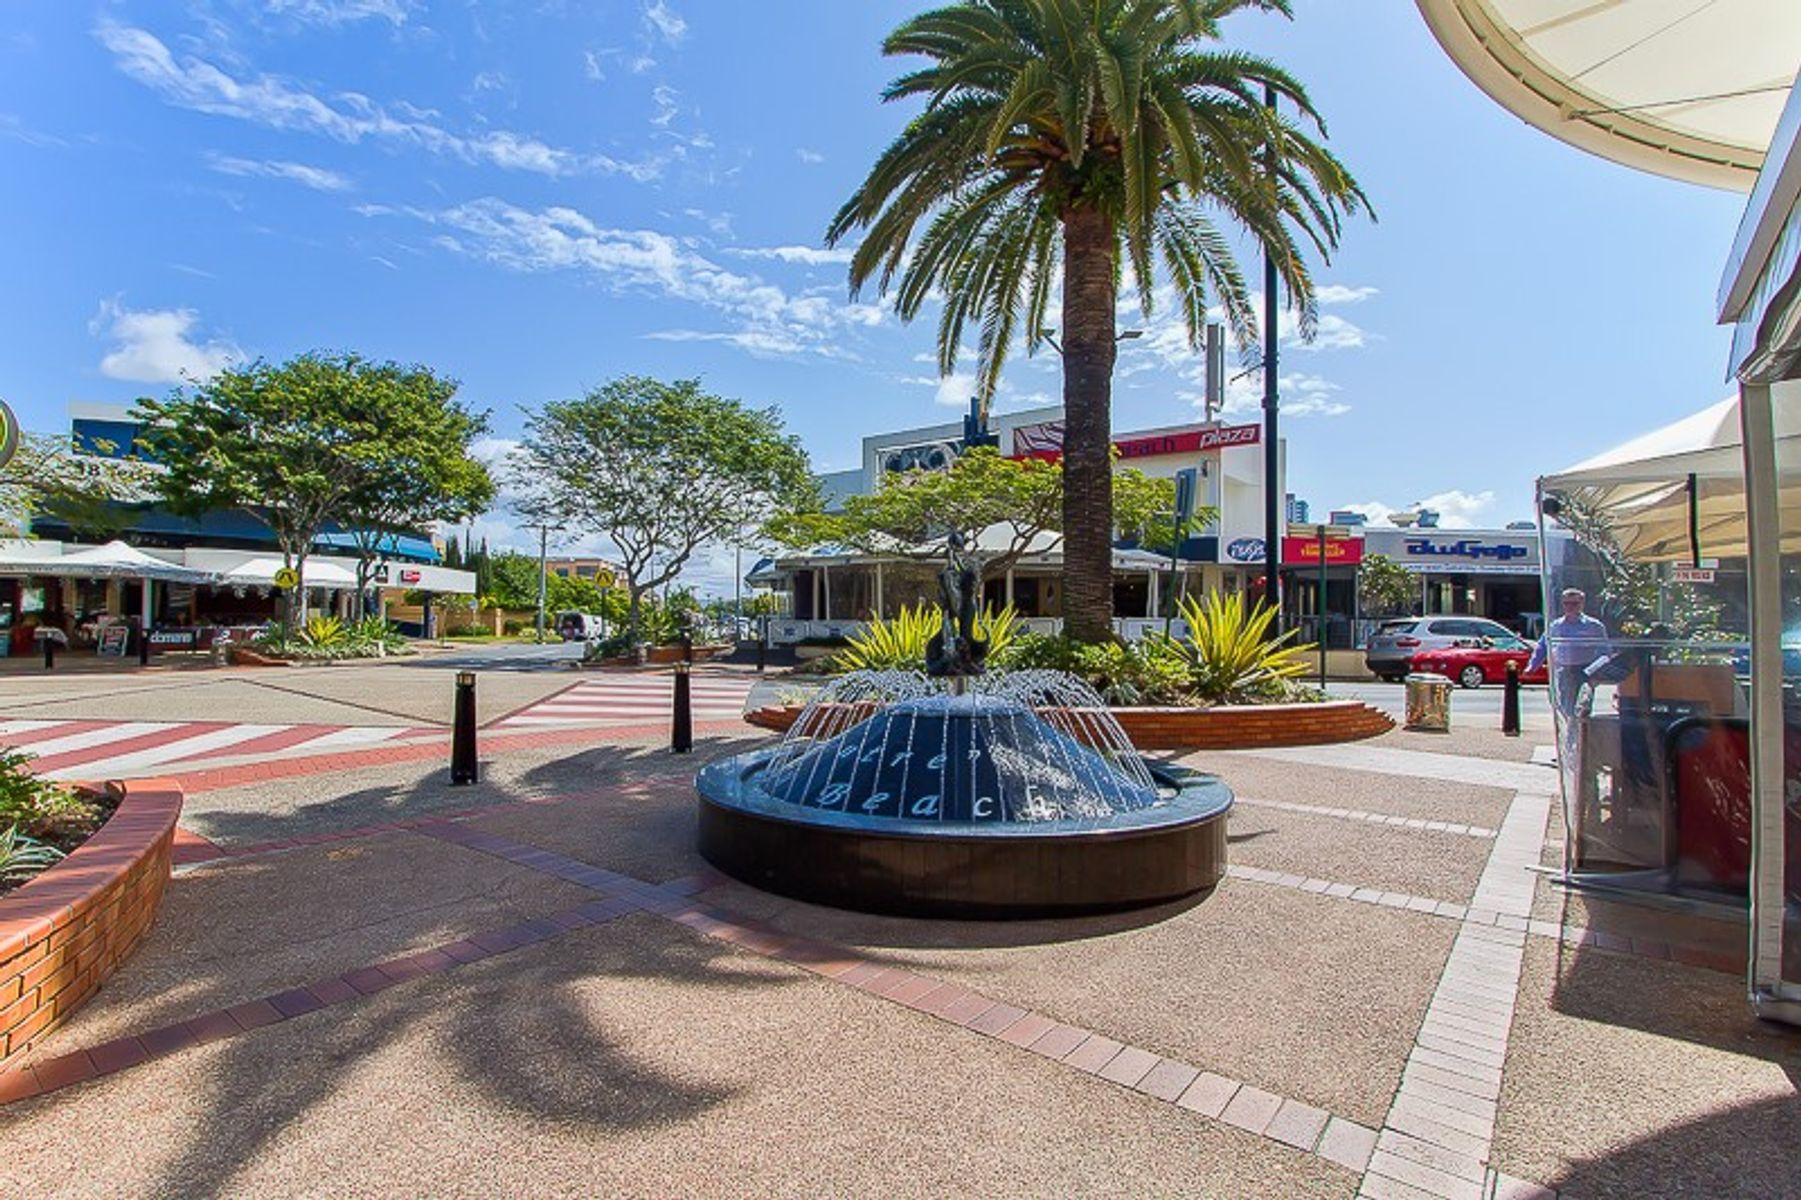 7/5 Woodroffe Avenue, Main Beach, QLD 4217